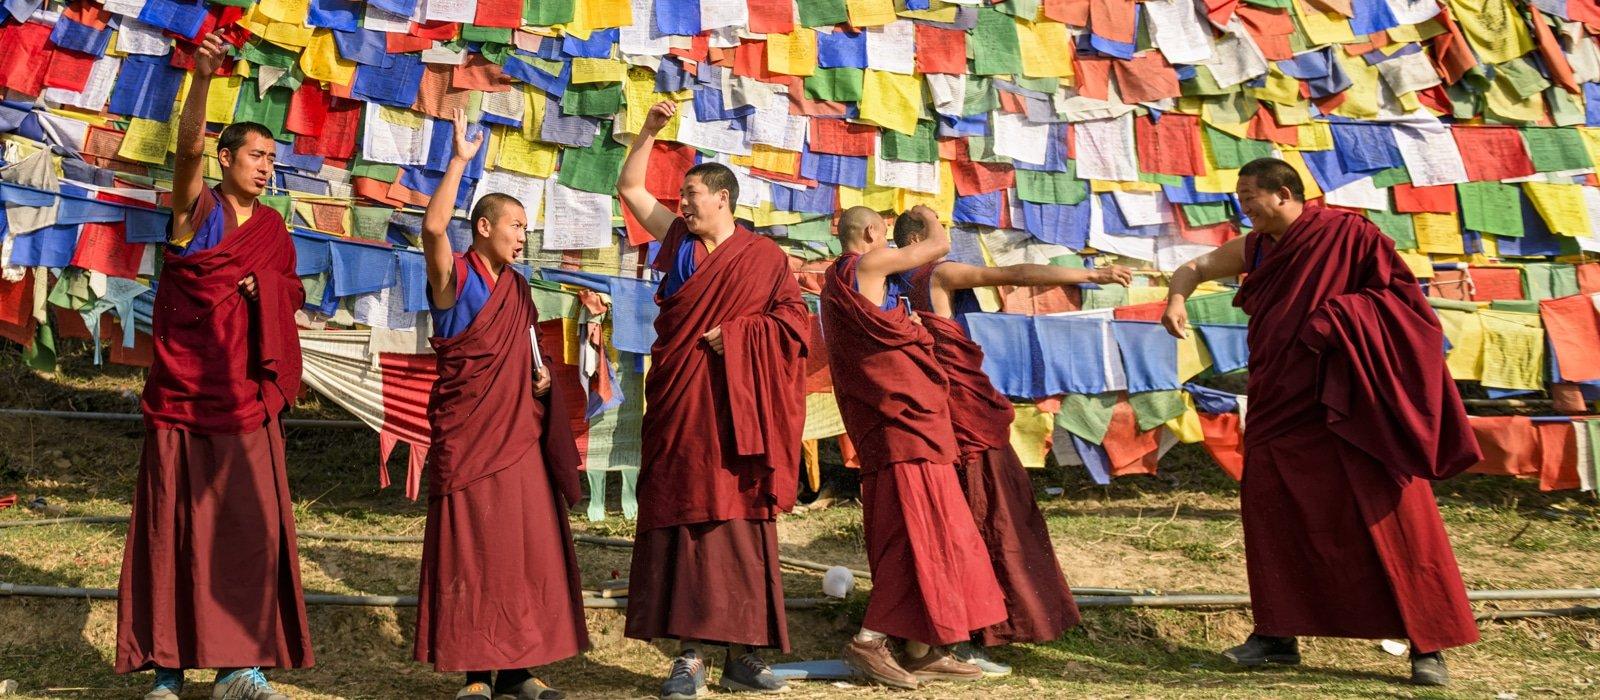 Moines Bon et drapeaux de prières à Solan en Inde